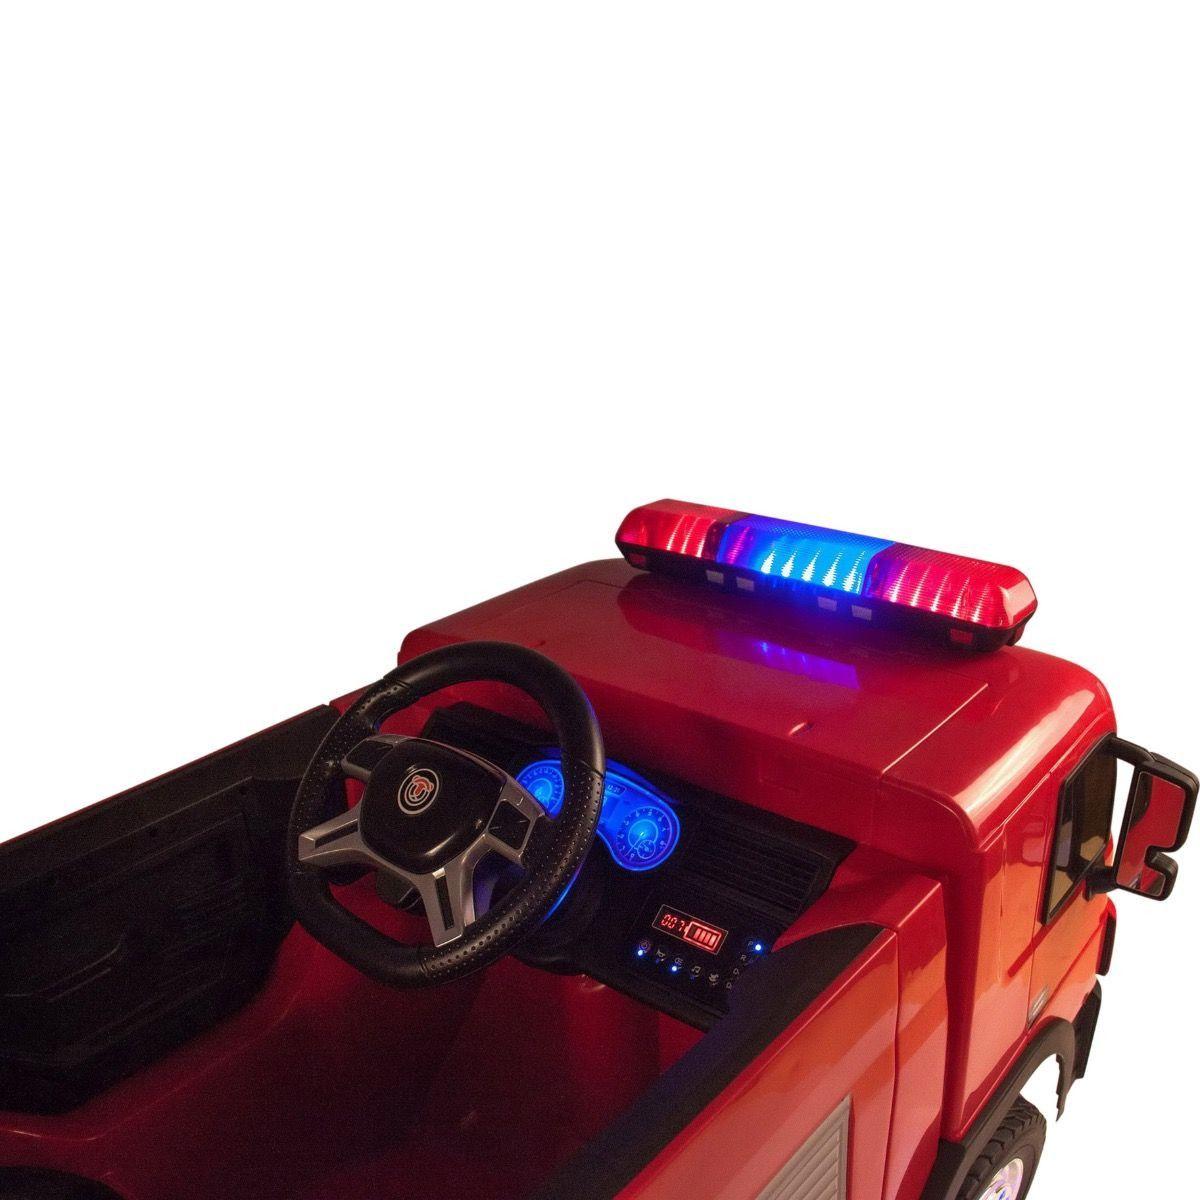 Wóz straży pożarnej Samochód na akumulator + Akcesoria Strażackie